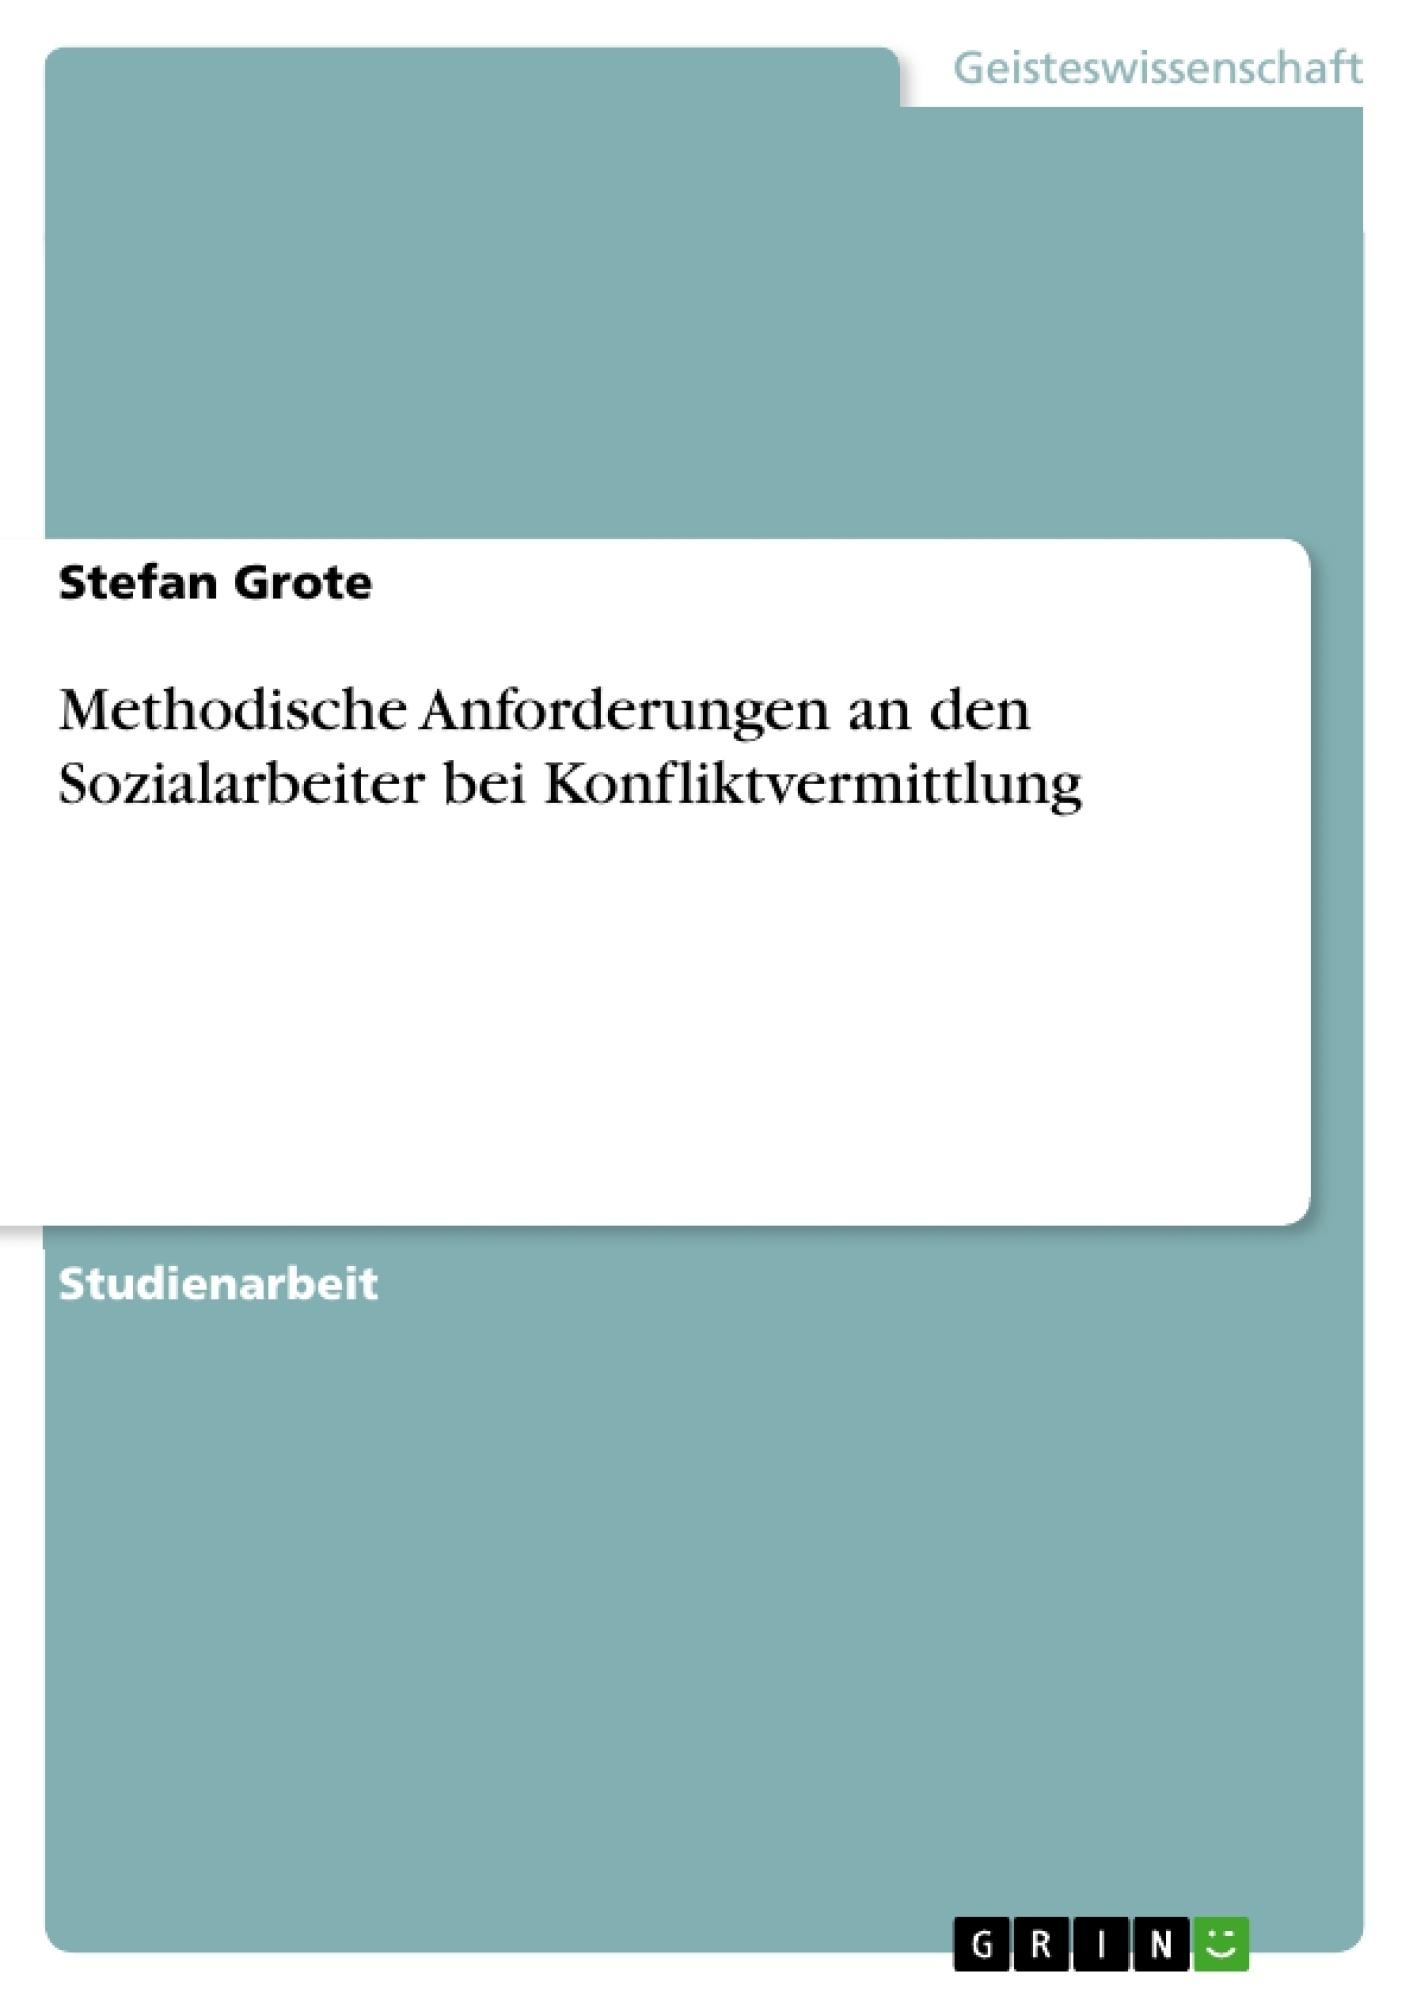 Titel: Methodische Anforderungen an den Sozialarbeiter bei Konfliktvermittlung